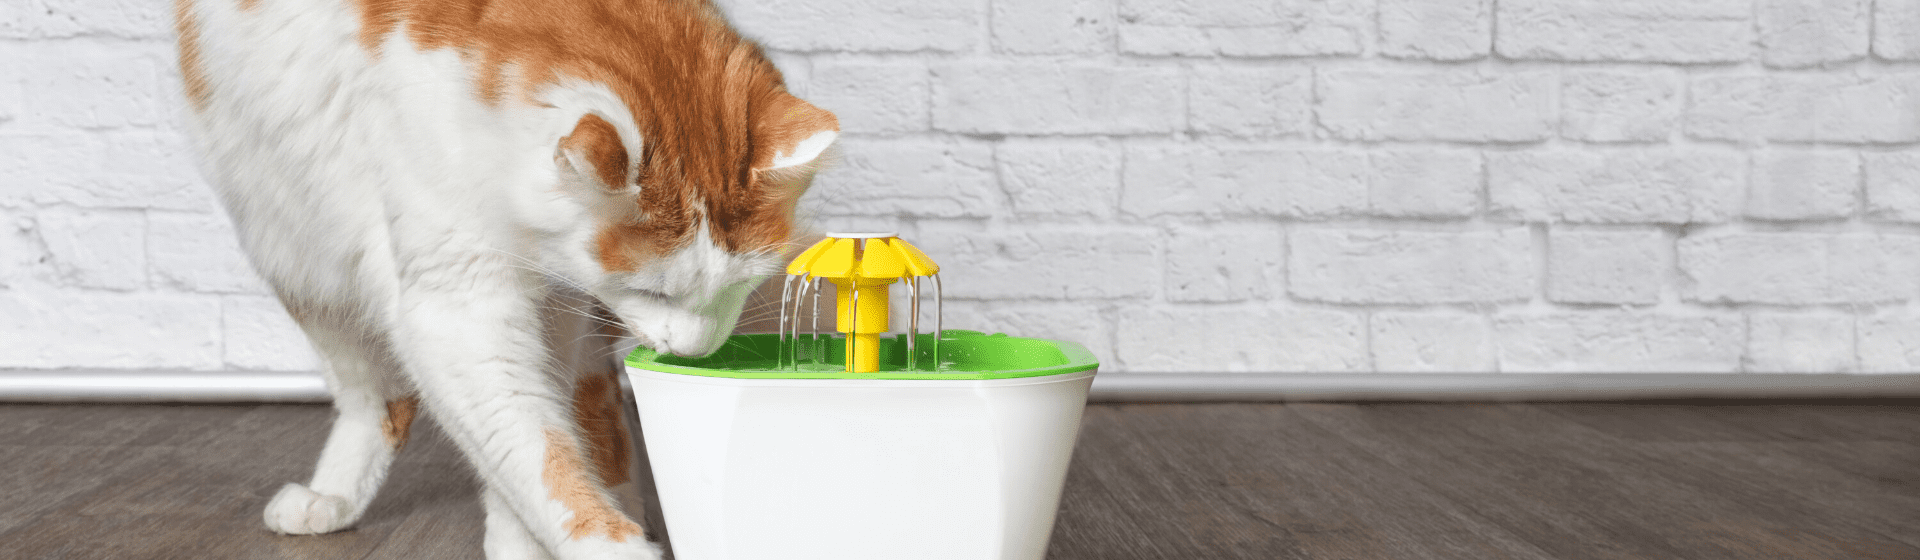 Bebedouro ou fonte para gatos: qual é o modelo ideal?